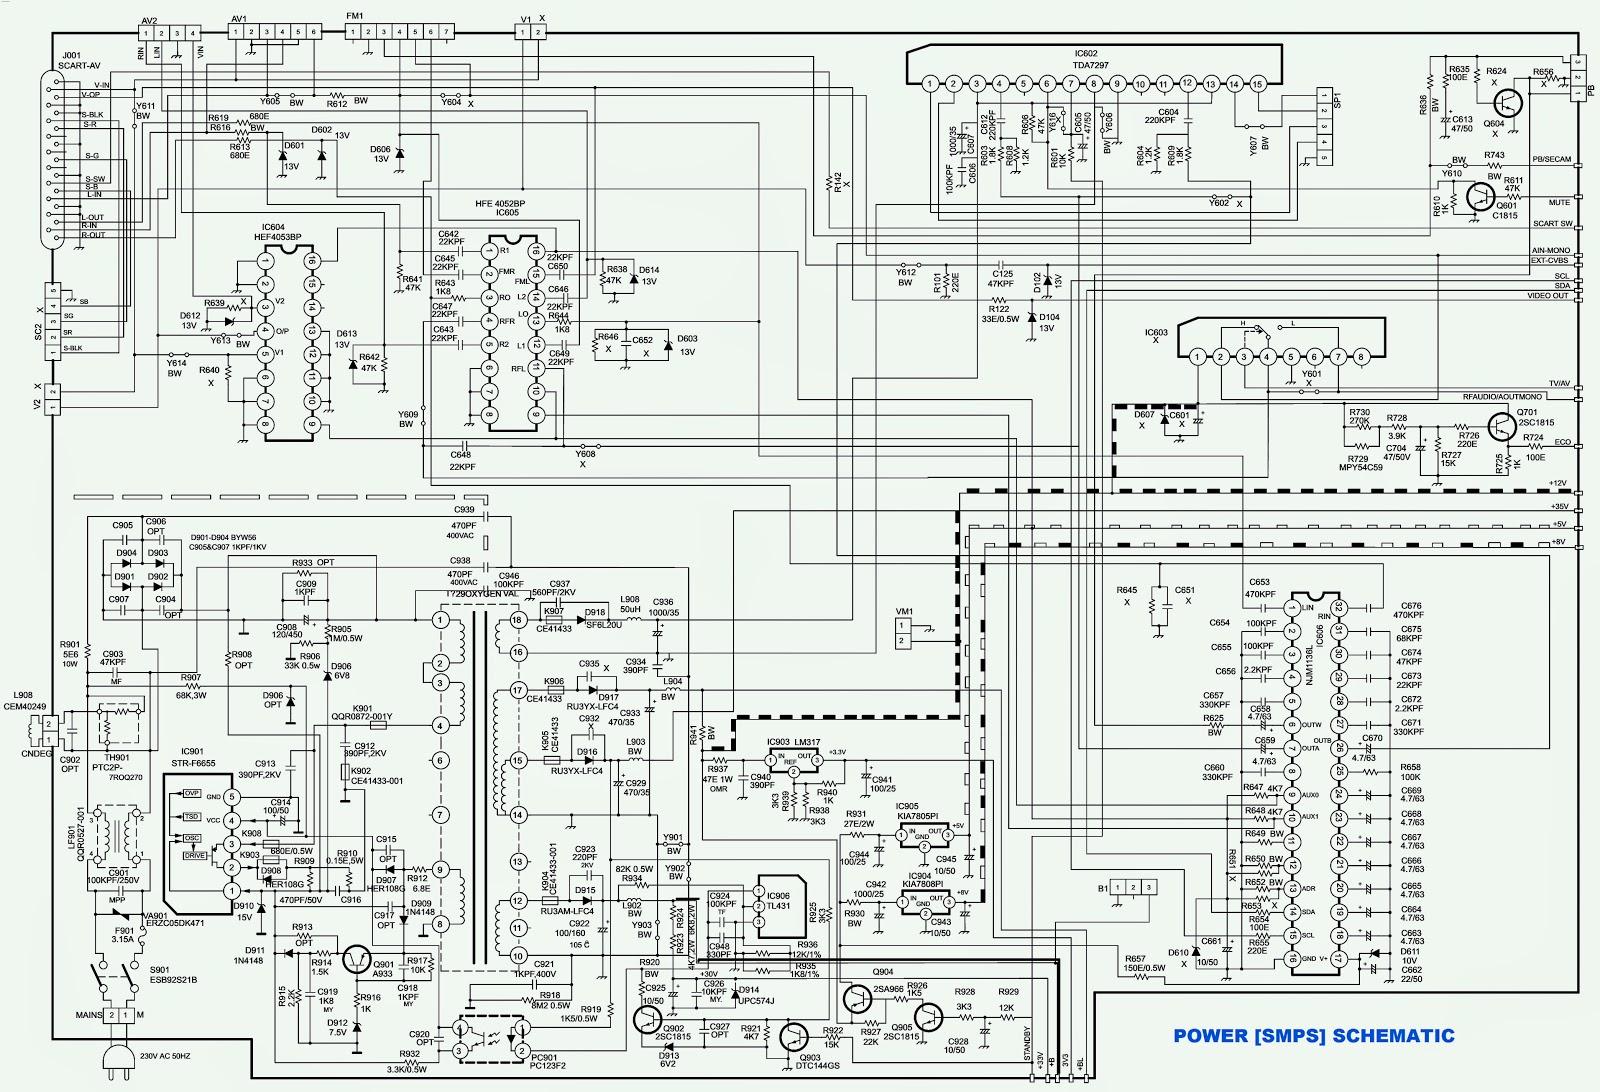 Wiring Diagram Lg Tv Wiring Diagram Schematics